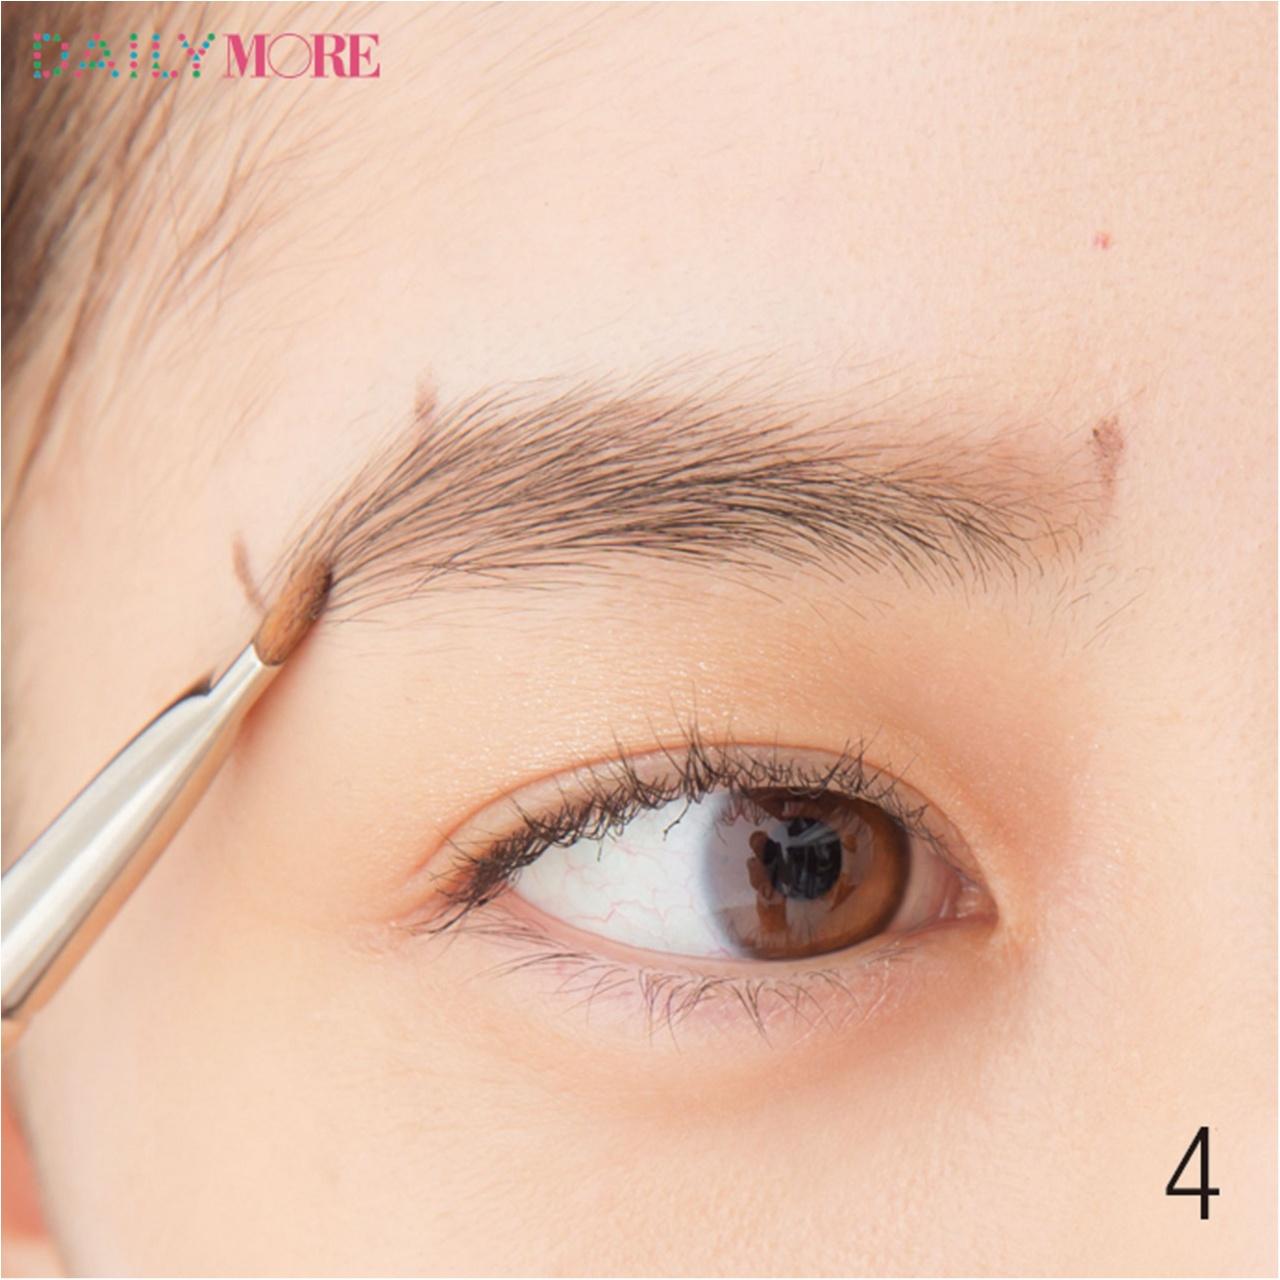 平行眉メイク特集 - 眉毛の形の整え方、描き方のポイントまとめ_6